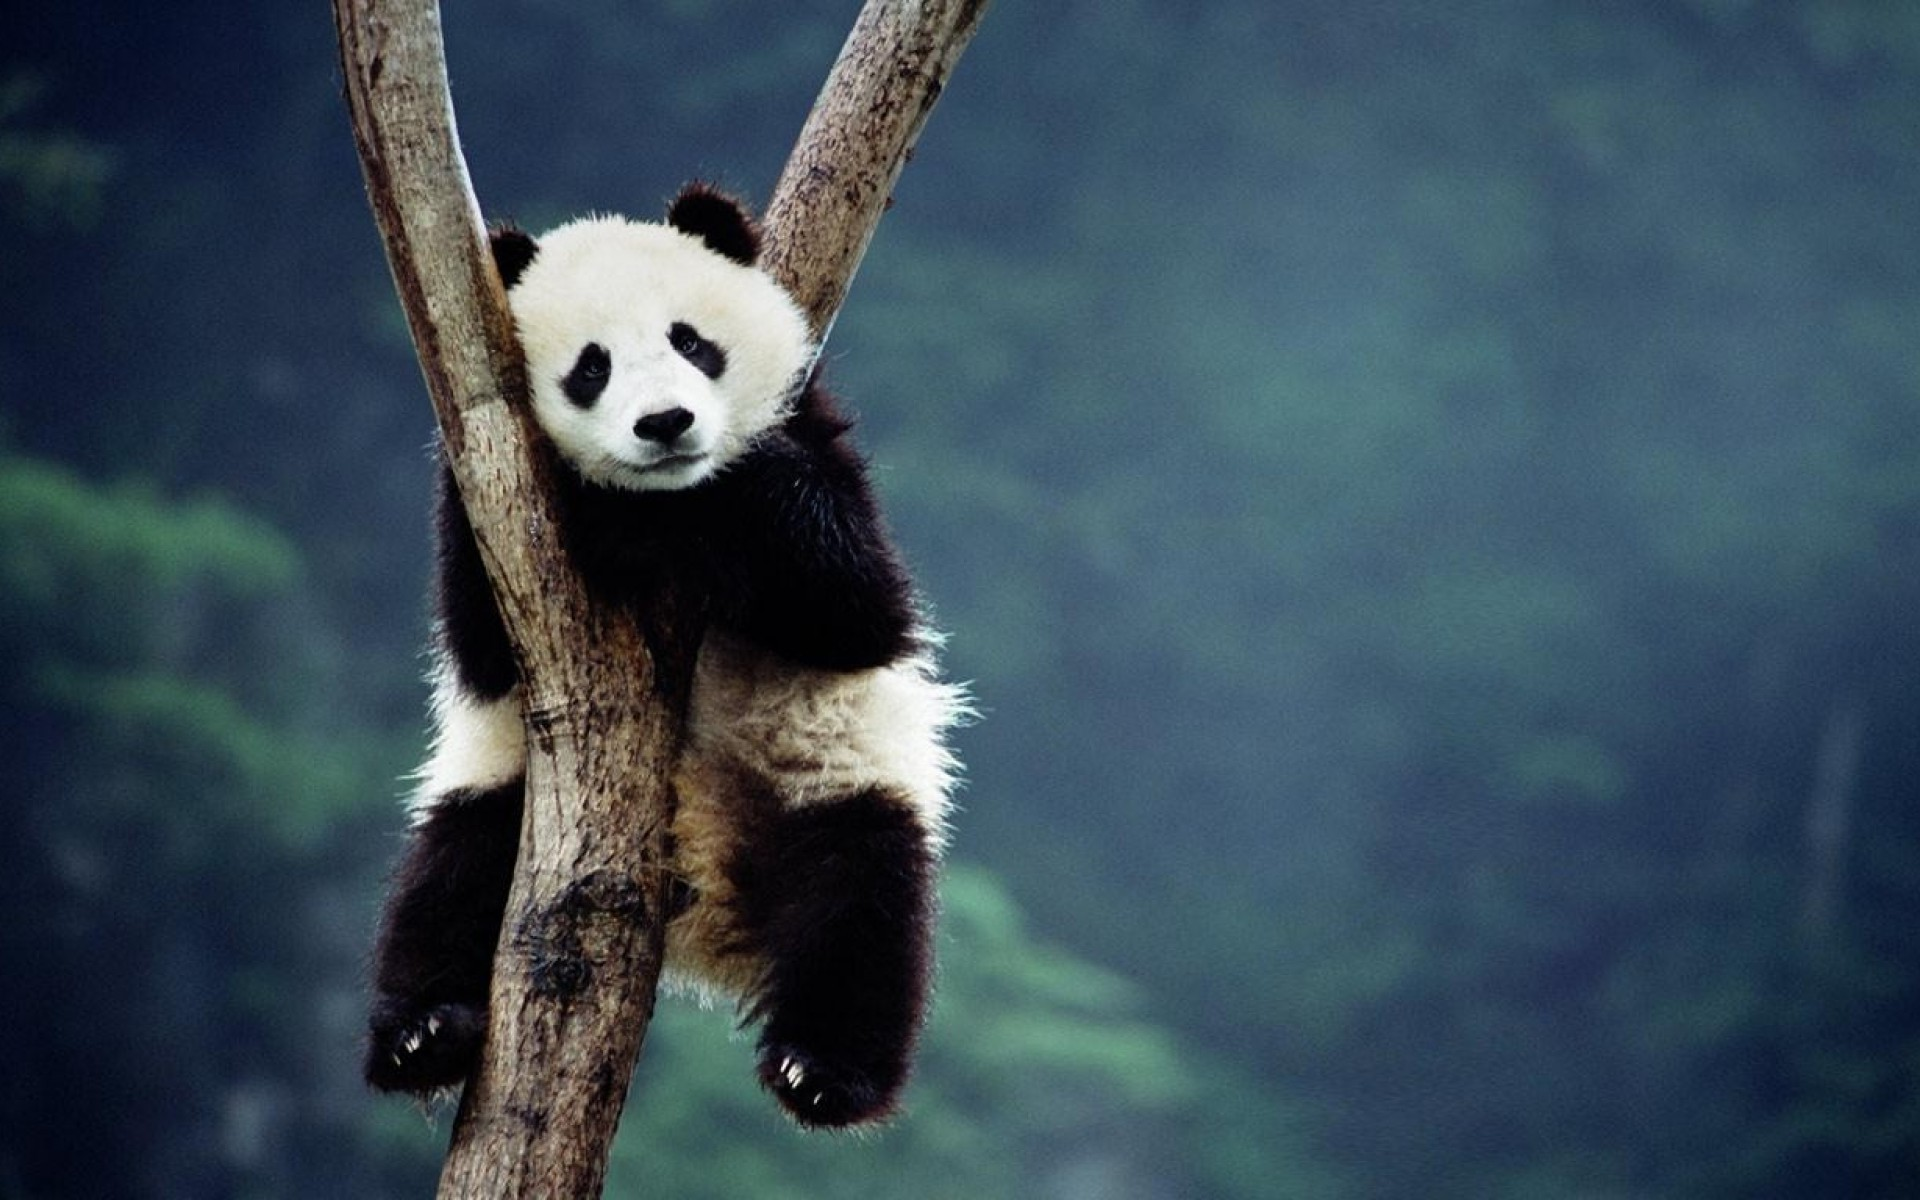 kung fu panda 2 wallpapers hd widescreen